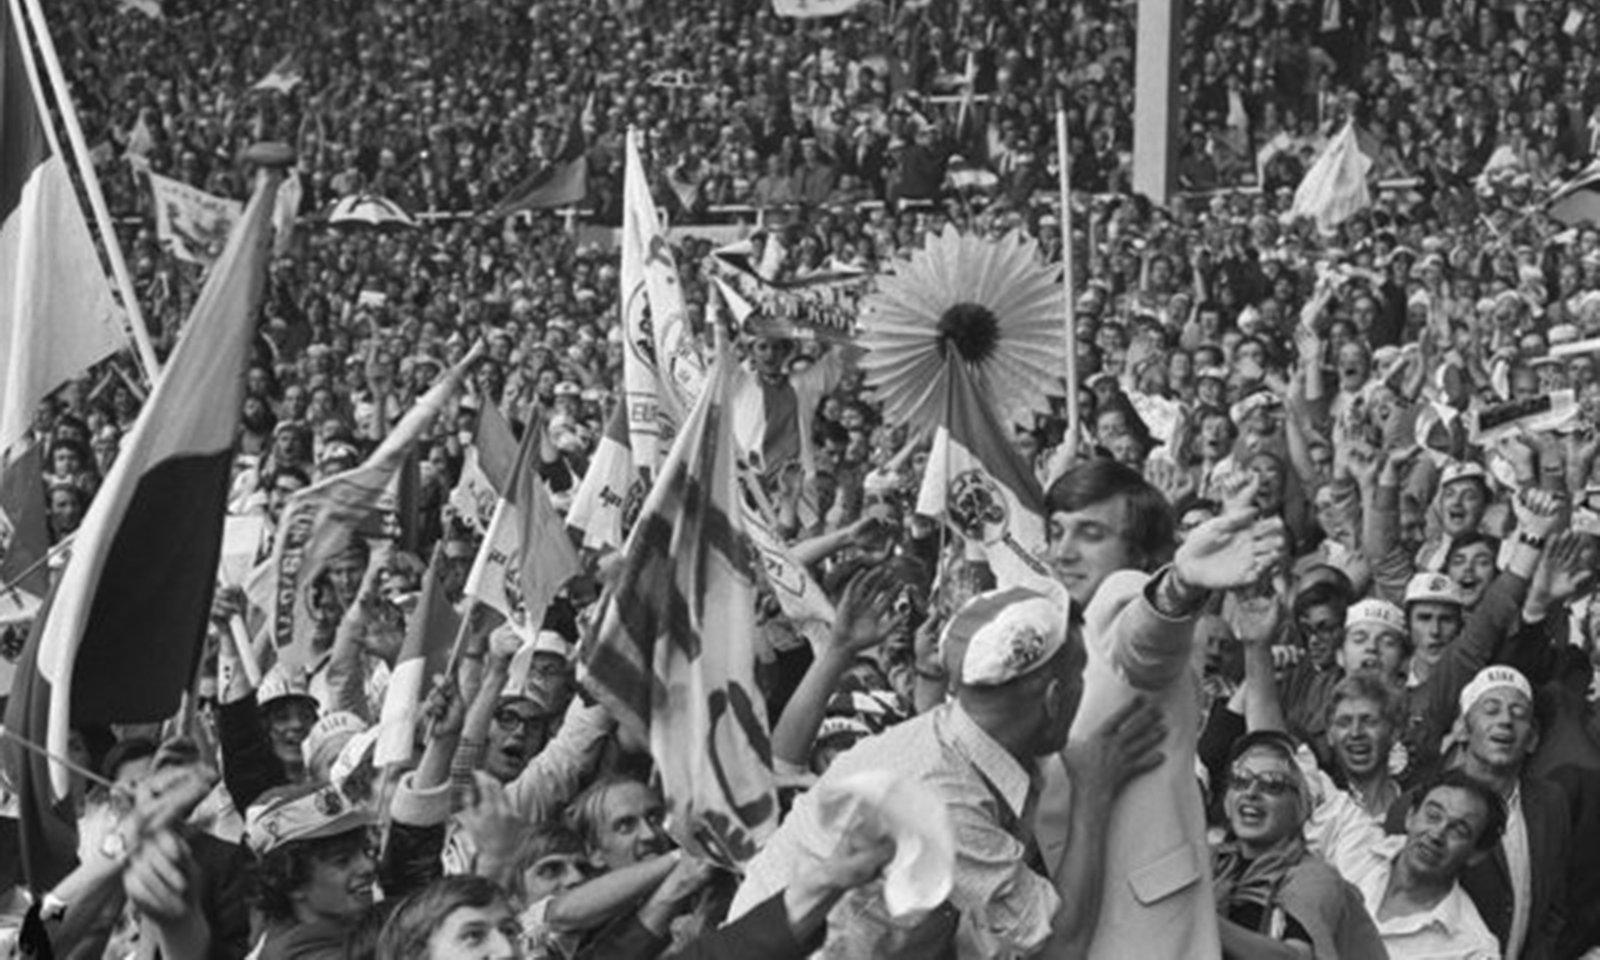 Europa Cup finale Ajax tegen Panathinaikos , Verhoeff, Bert / Anefo 1971 Europa Cup finale Ajax tegen Panathinaikos 2-0, Ajax-supporters juichen Ruud Krol (in licht pak) toe. De Ajax-verdediger moet vanwege een gebroken been de finale aan zich voorbij laten gaan., Nationaal Archief , In Copyright